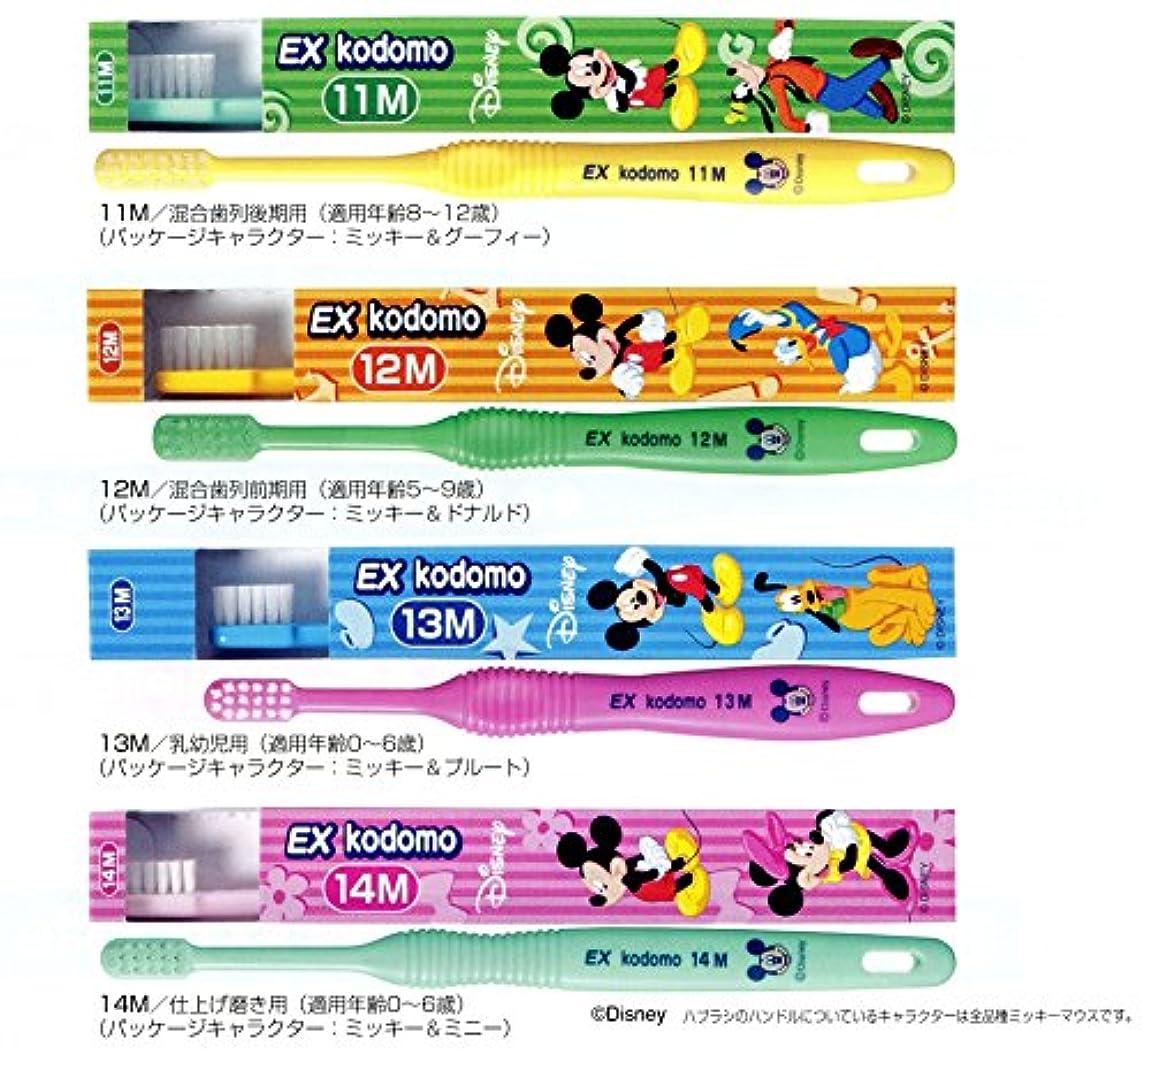 災害耕す現実ライオン コドモ ディズニー DENT.EX kodomo Disney 1本 12M ブルー (5?9歳)